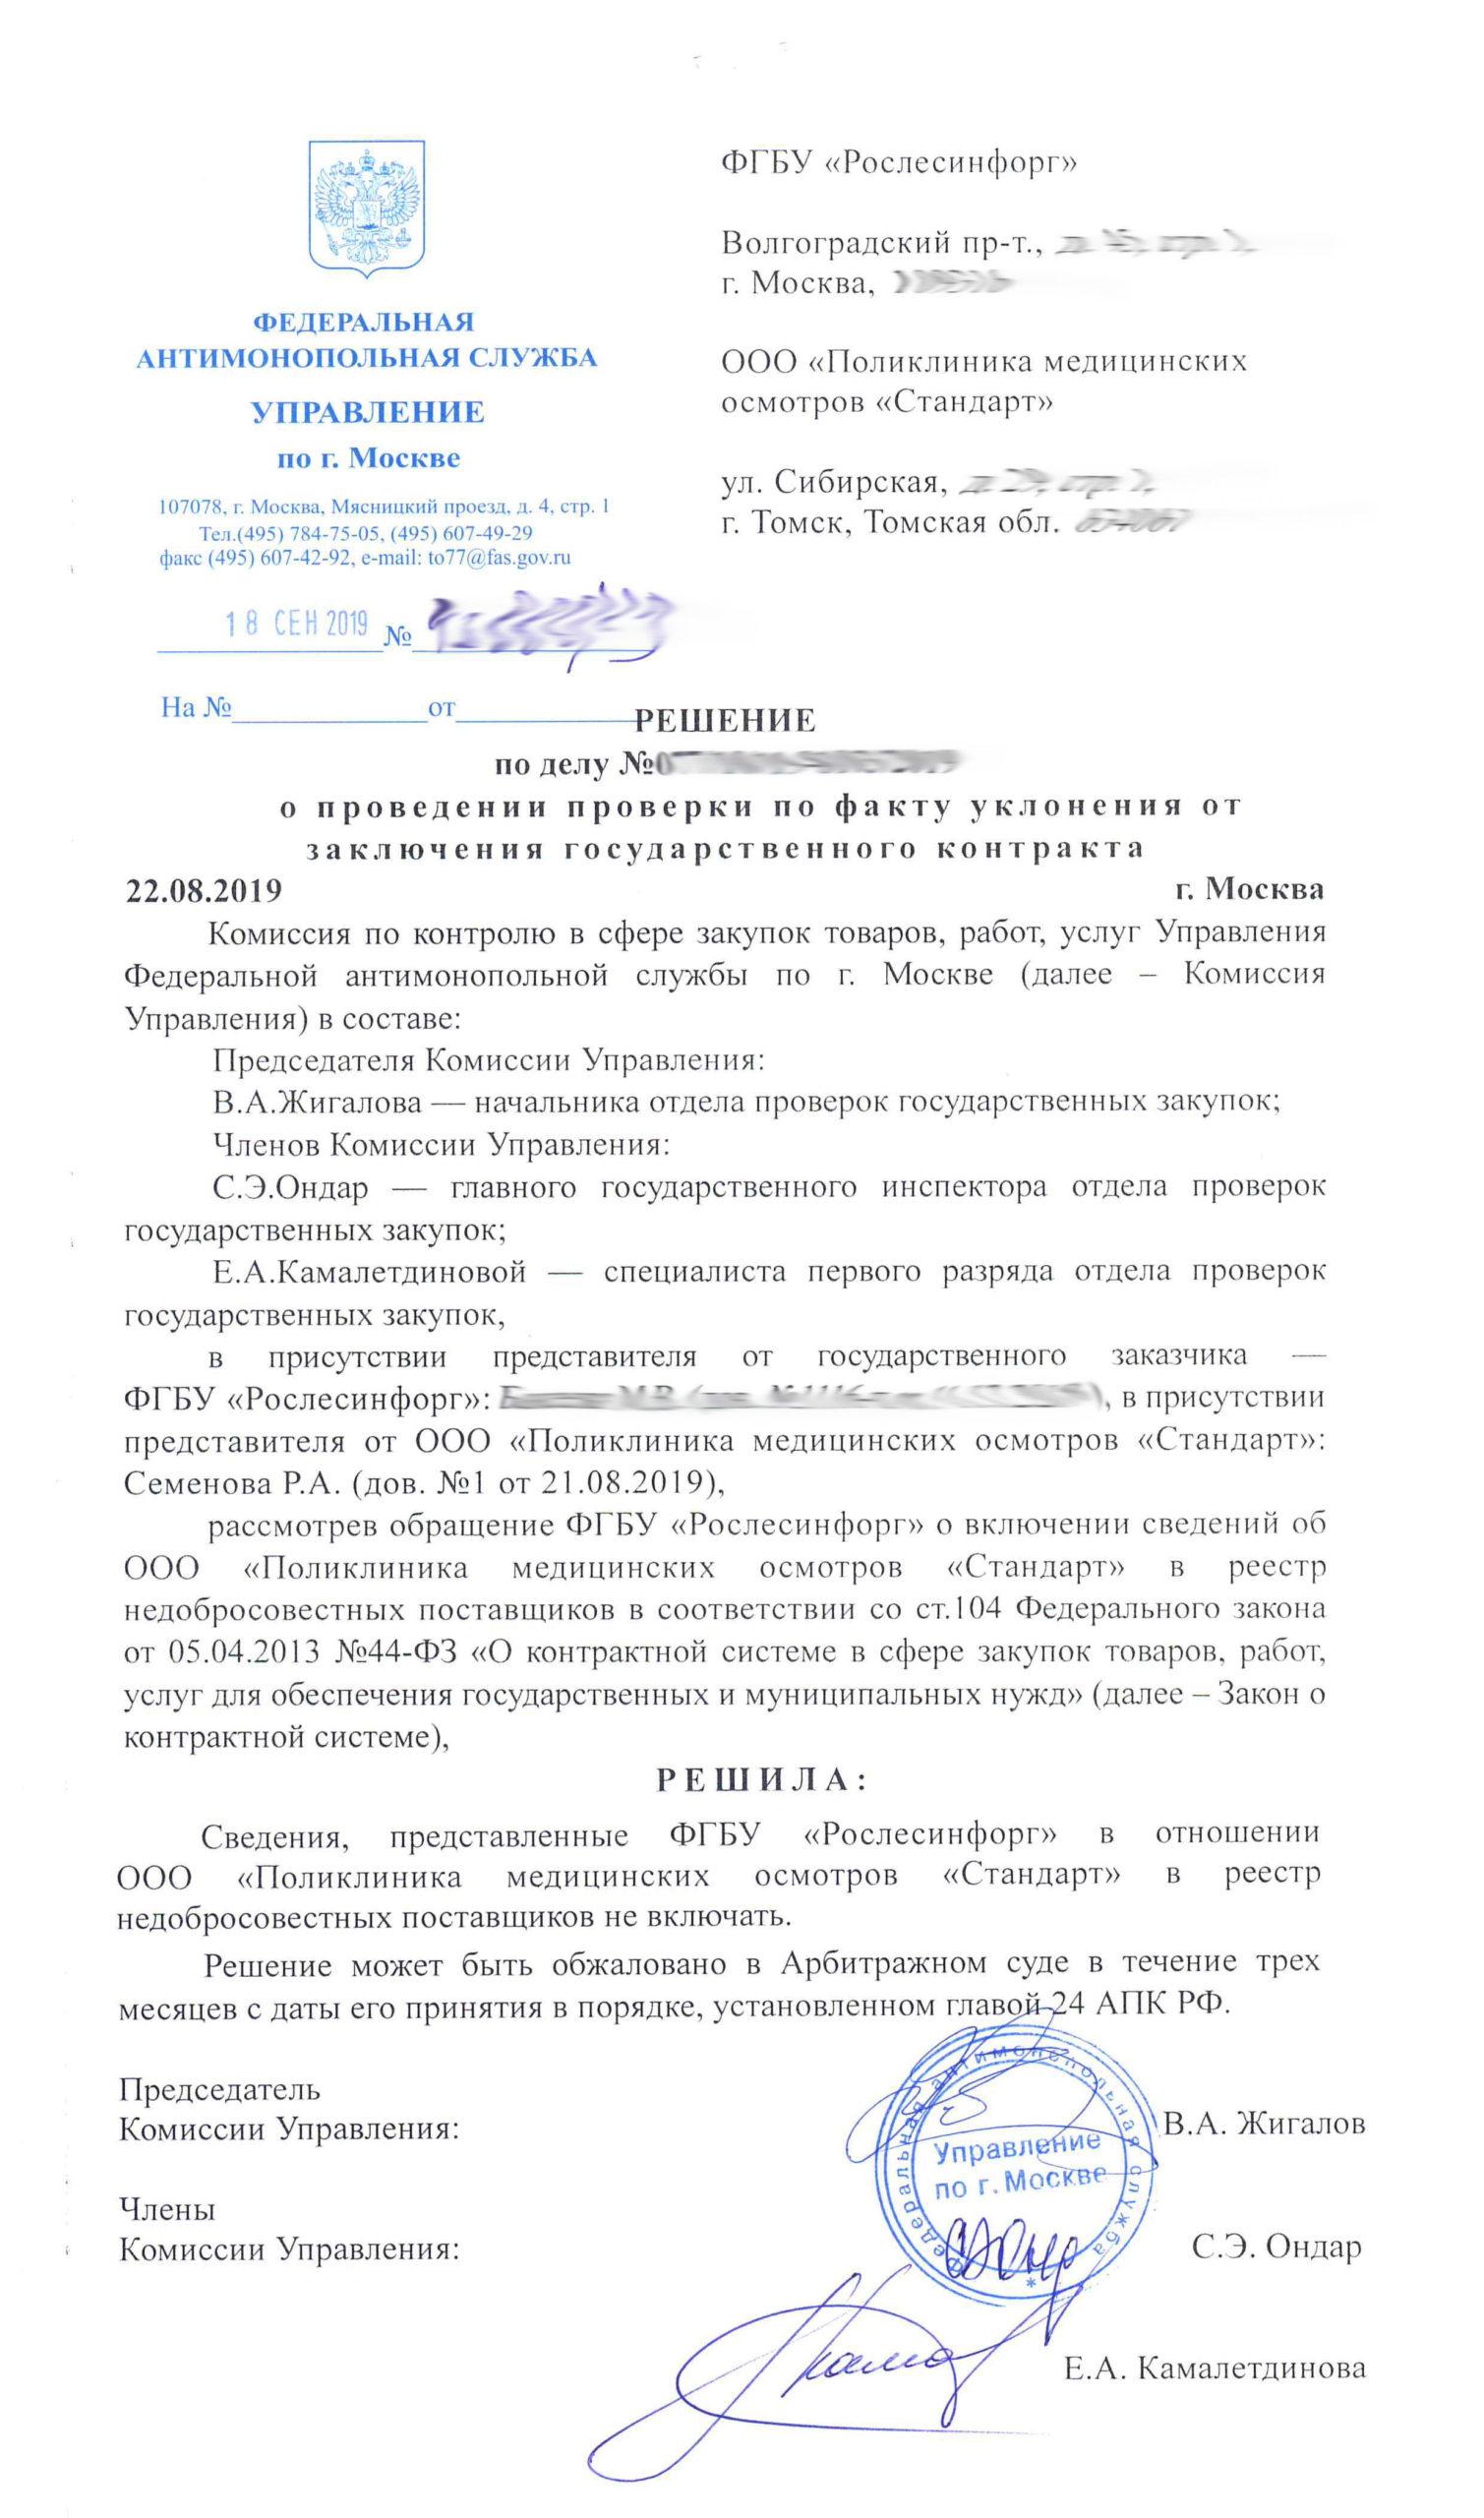 Московское УФАС Поликлиника мед осмотров Стандарт решение